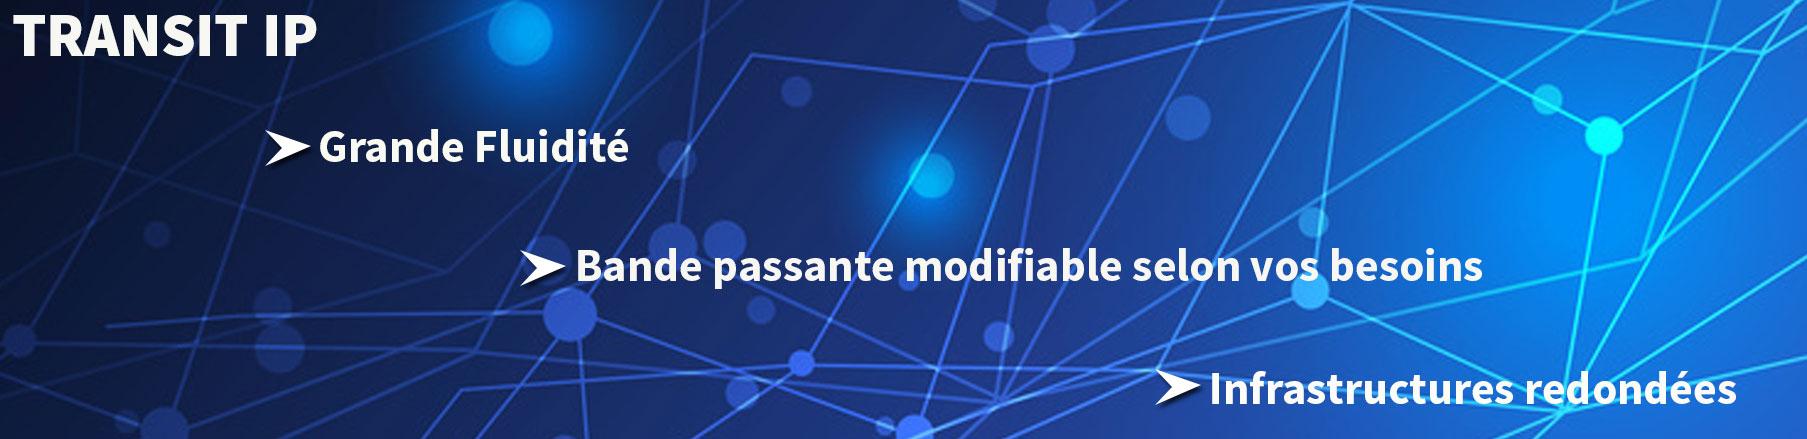 Transit IP Cloudata